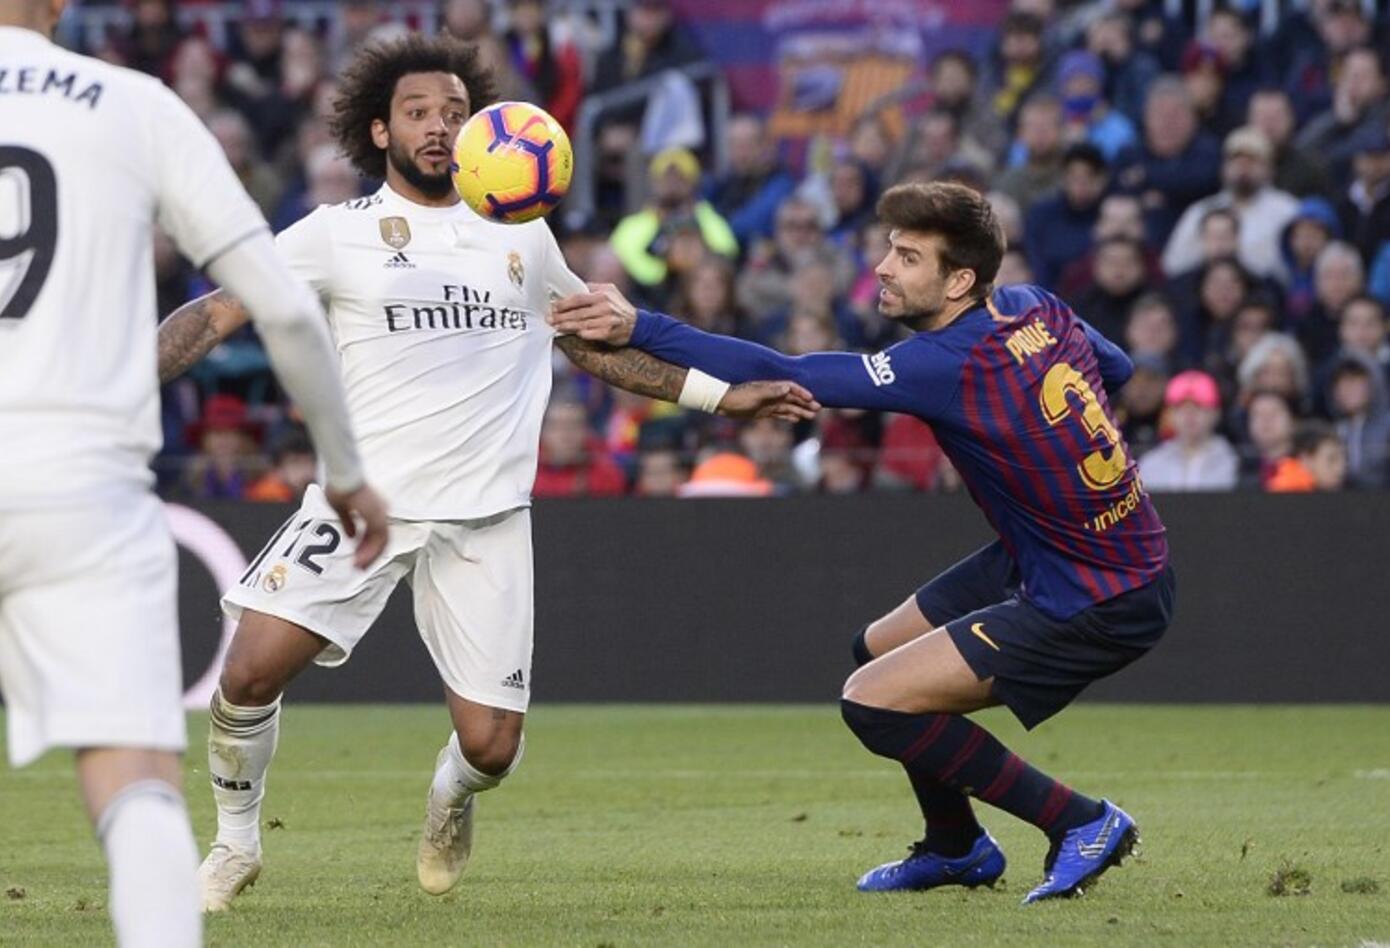 Marcelo disparó y puso el 2-1 en el clásico Barcelona-Real Madrid disputado en el Camp Nou